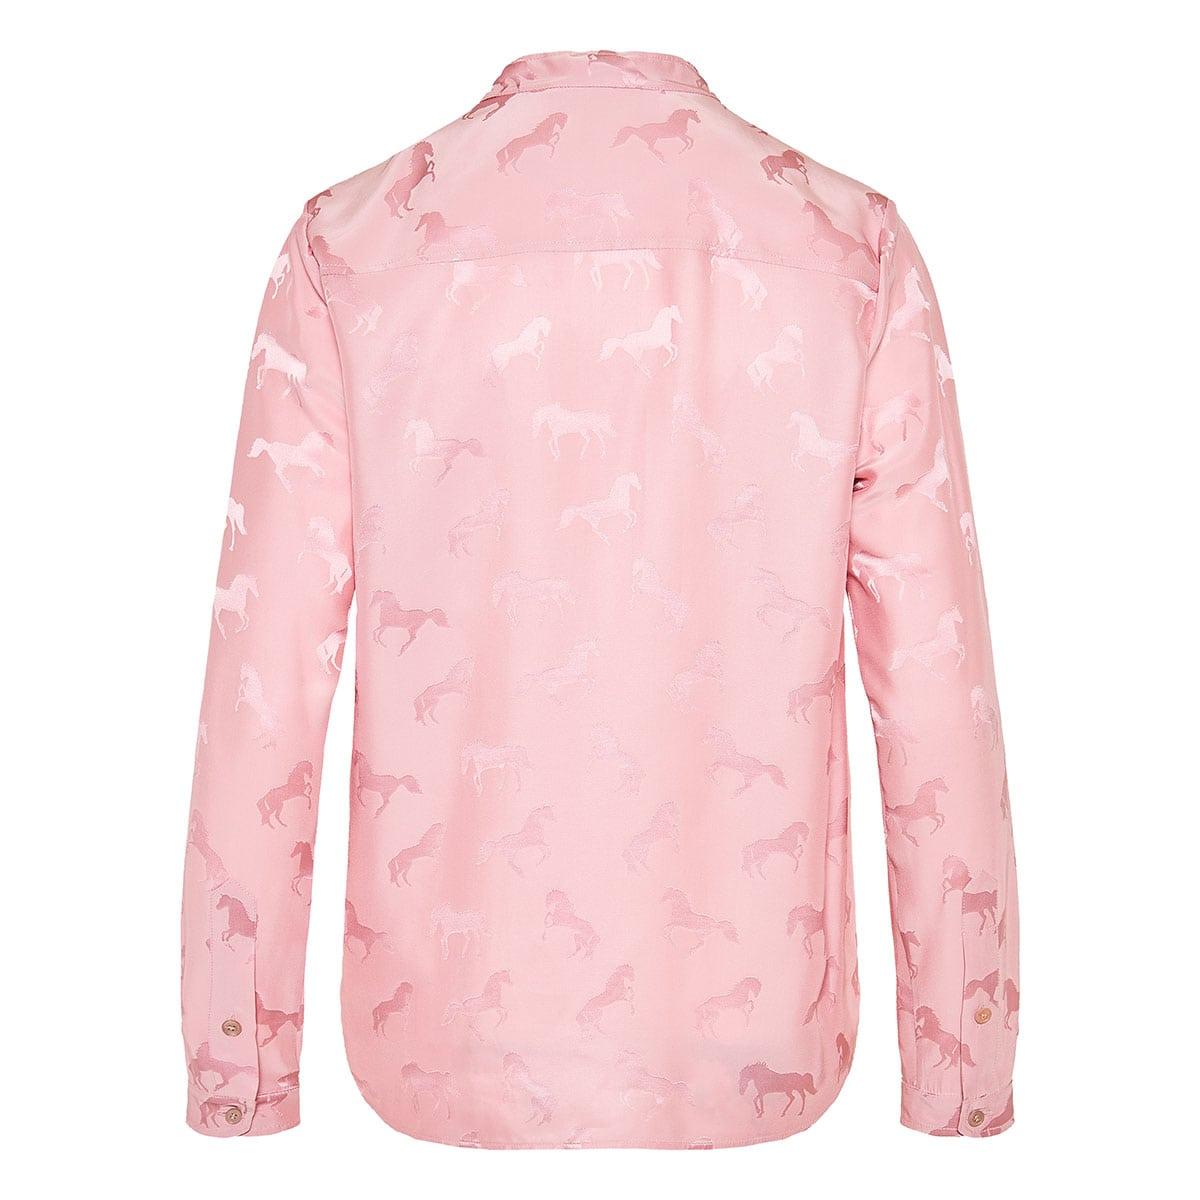 Eva Horse jacquard shirt